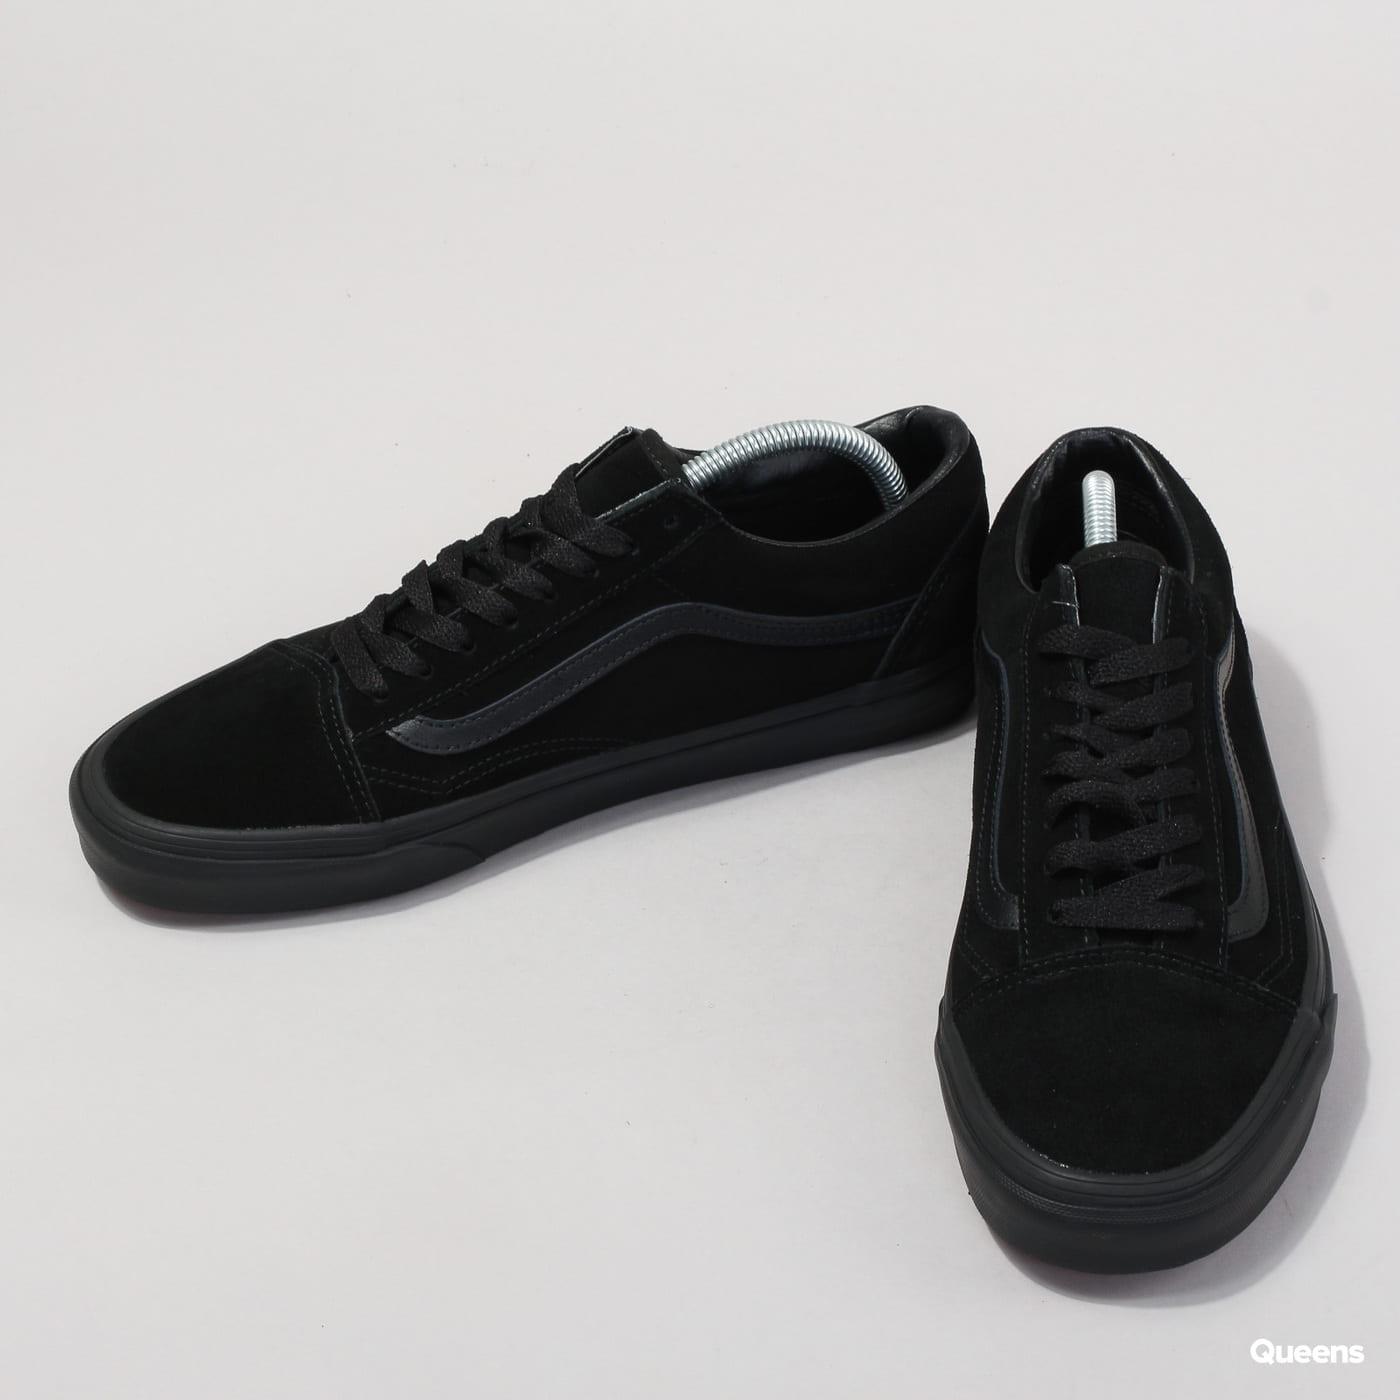 Vans Old Skool (suede) black / black / black